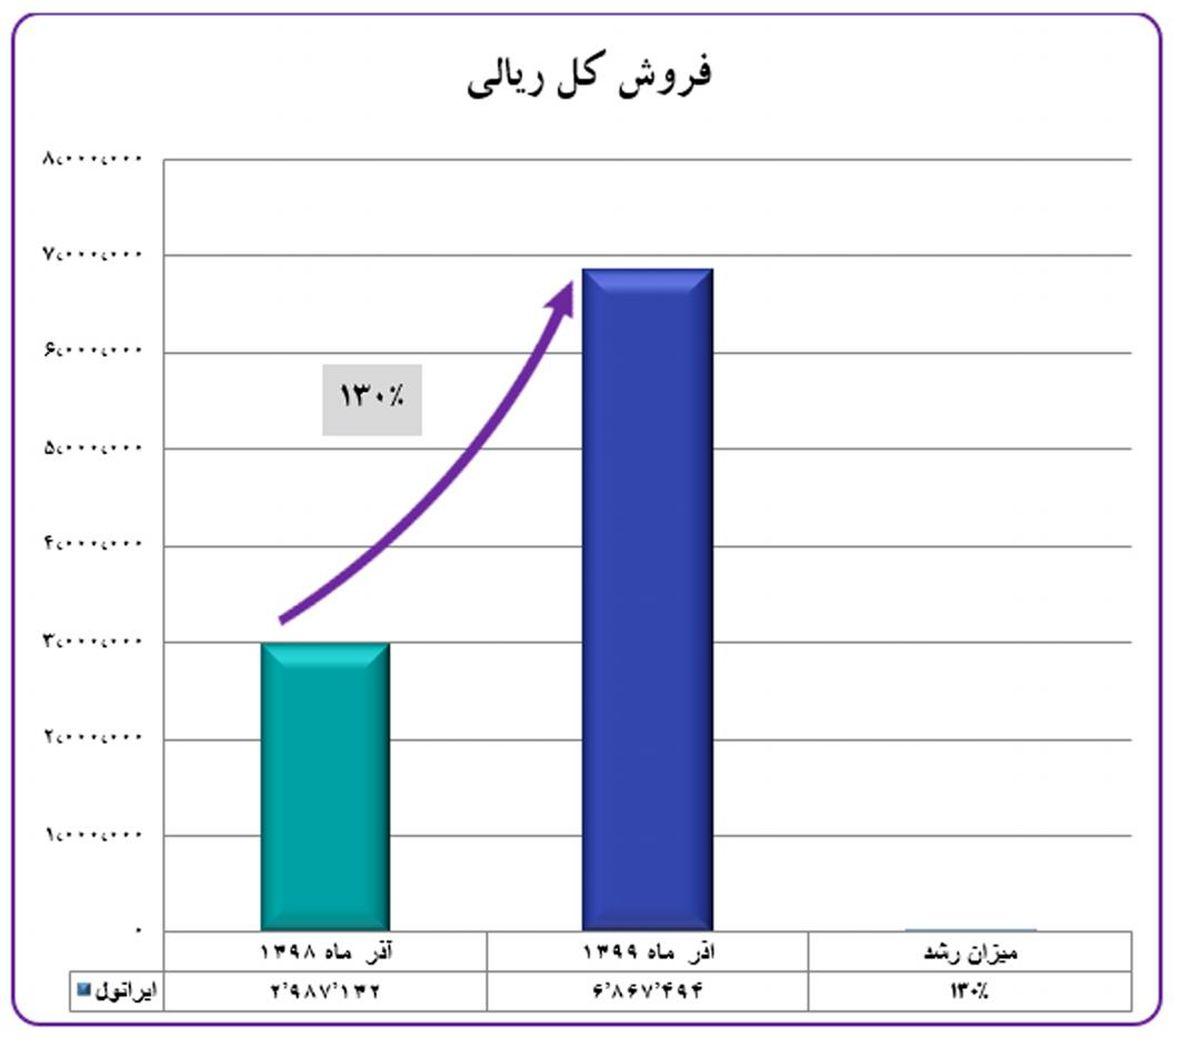 ایرانول رکورد رشد فروش را در آذرماه شکست / رشد ۱۳۰ درصدی فروش ایرانول در آذر ۹۹ نسبت به ۹۸